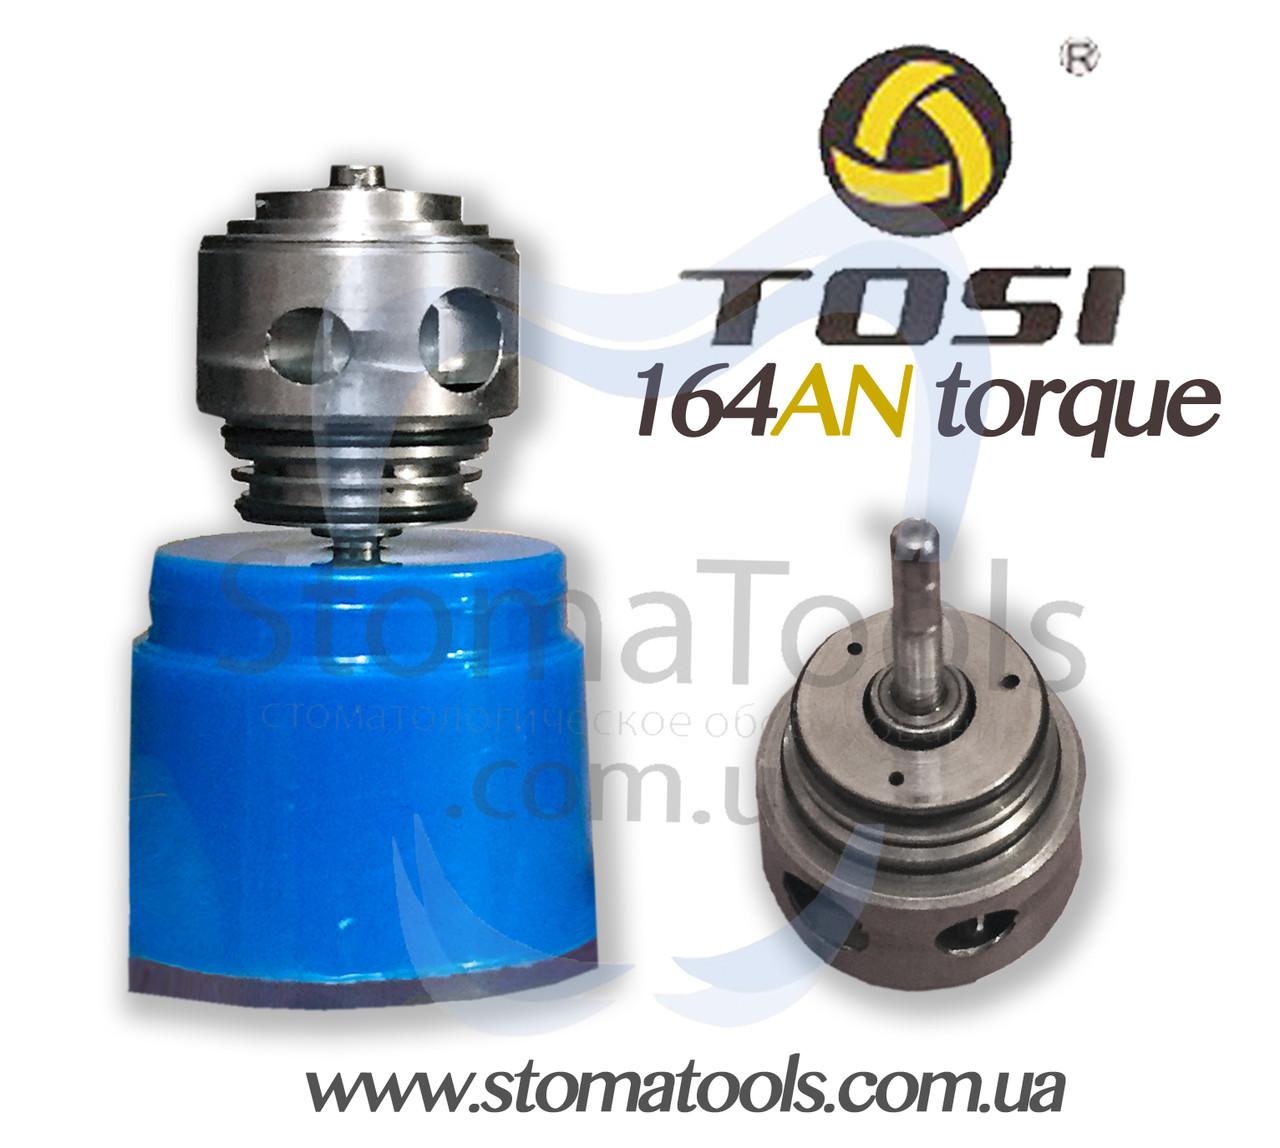 Роторная группа TOSI TX-164 AN Torque (ортопедическая головка)